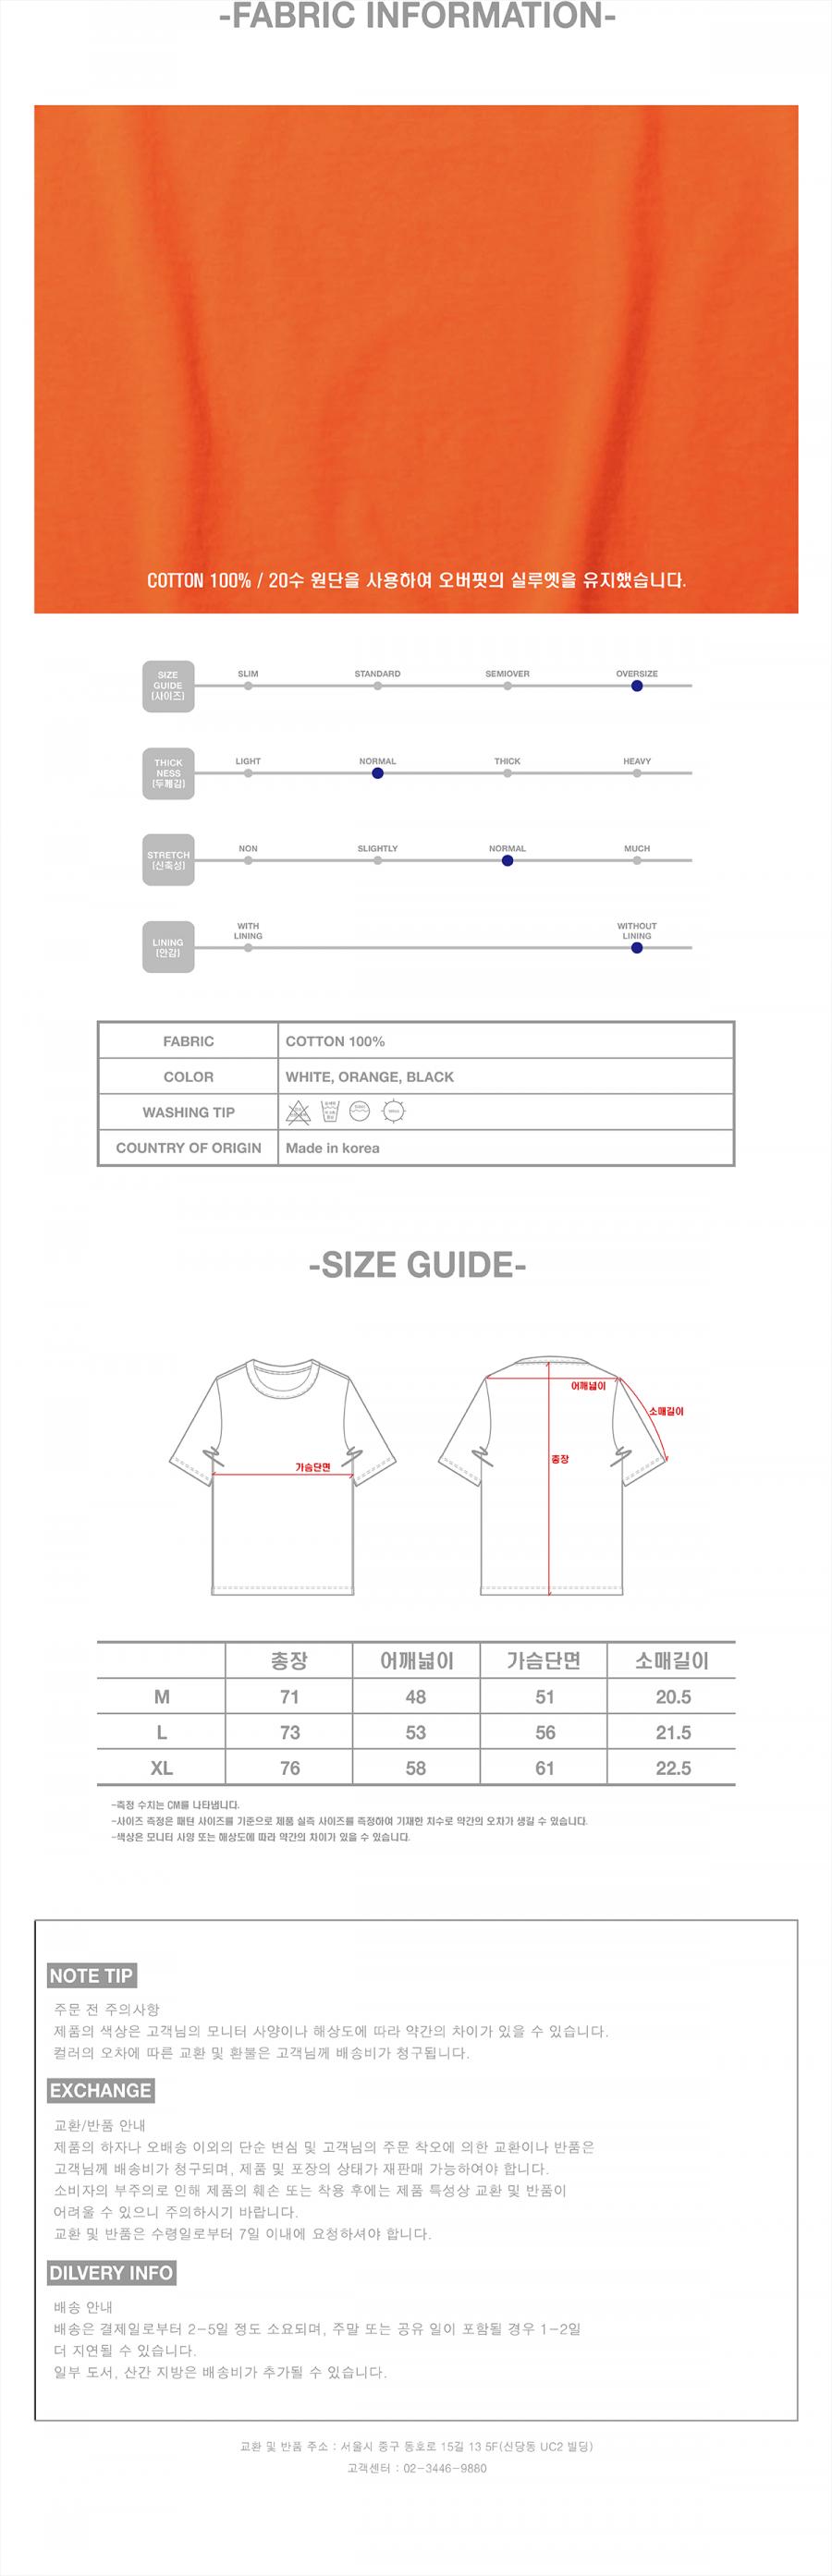 캐스퍼존아이바(CASPERJOHNAIVER) 나이트 스트렉쳐 오버 티셔츠(오렌지)